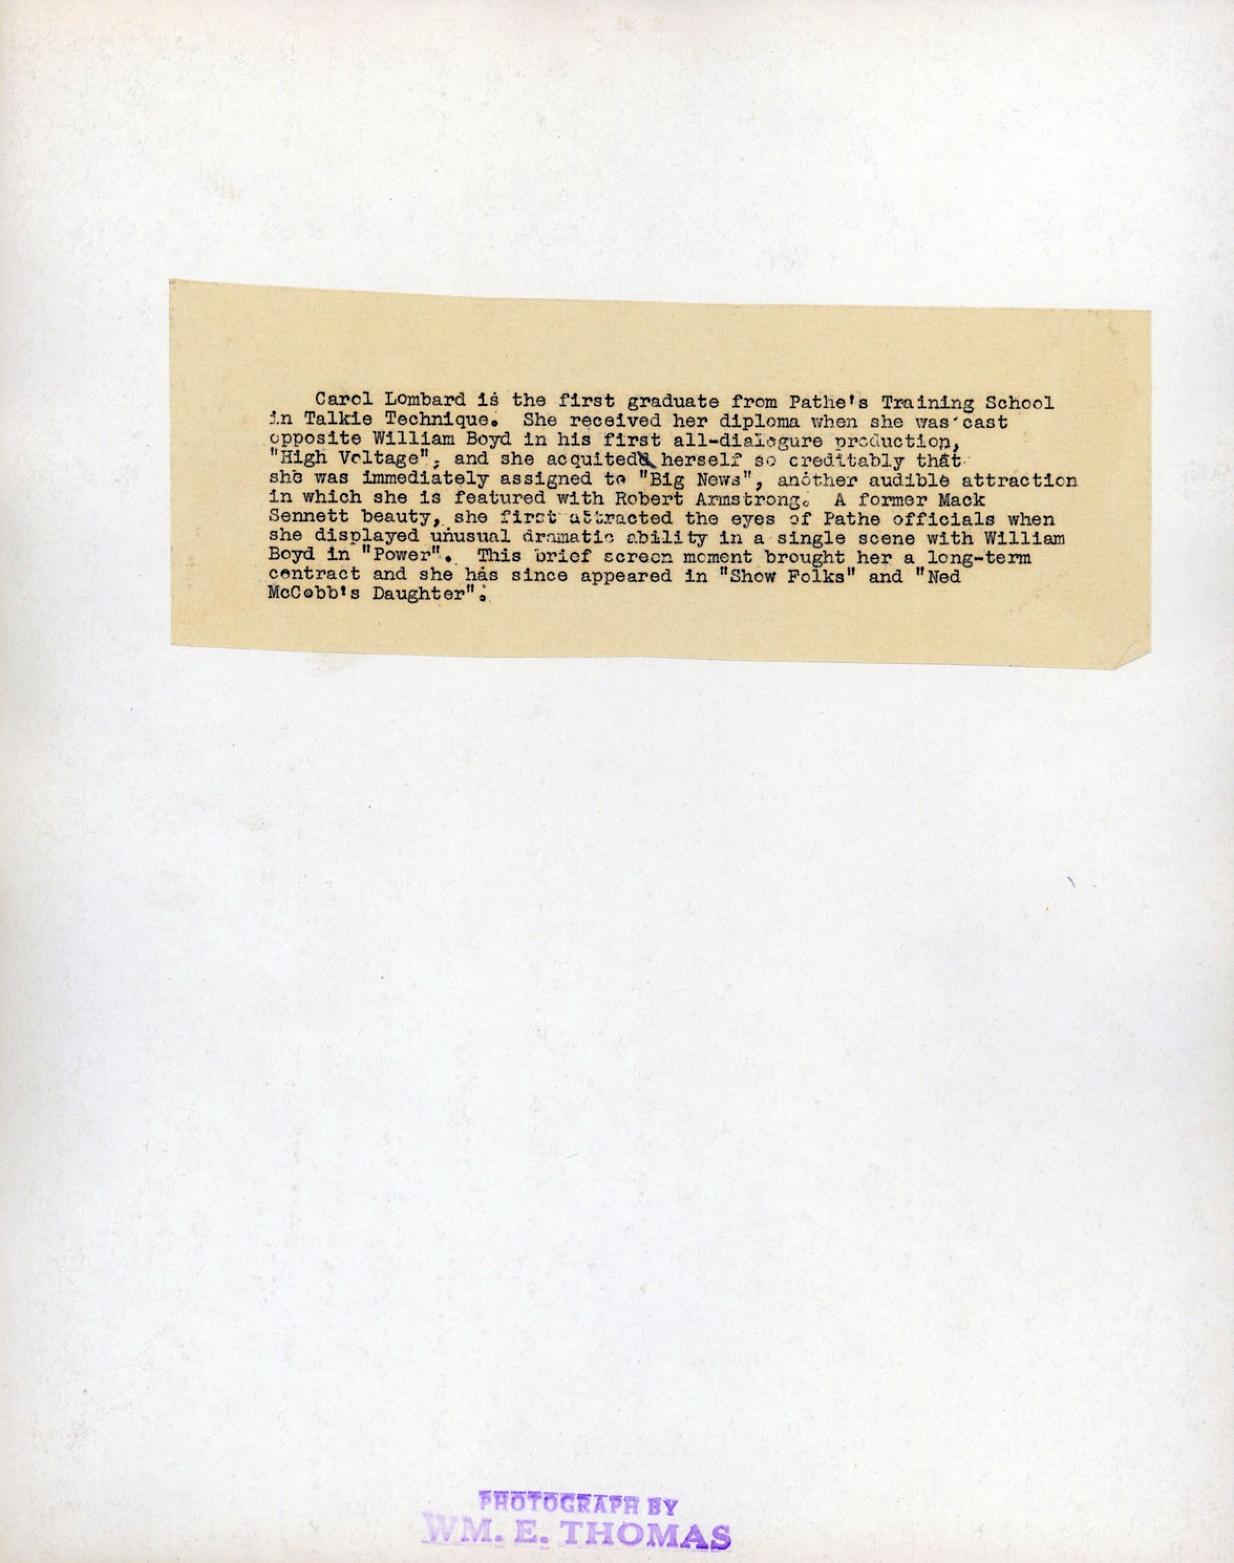 carole lombard william e. thomas 19a back